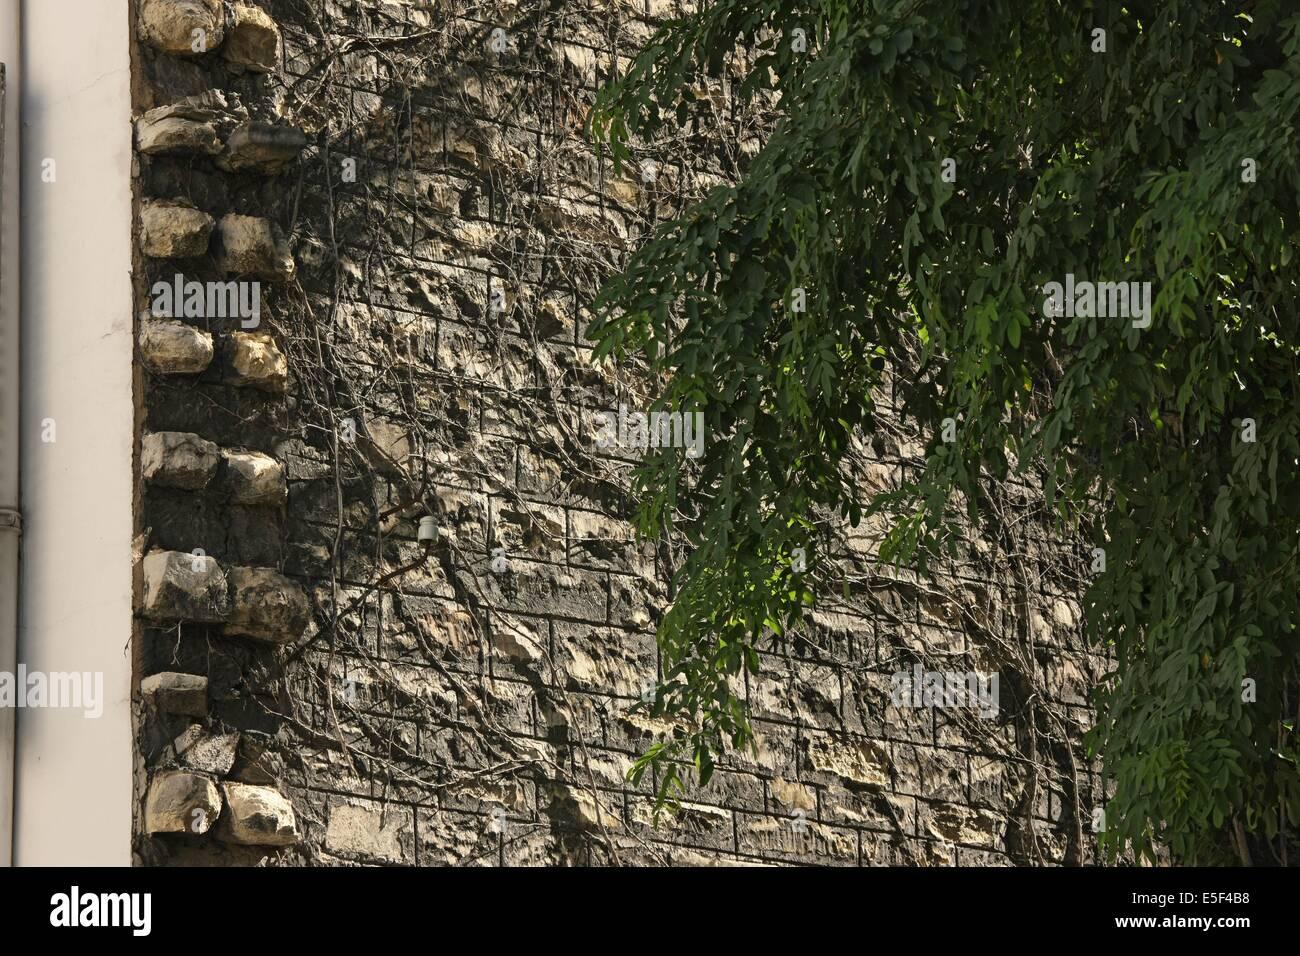 France, Ile de France, paris 7e arrondissement, rue saint simon, n9/11, raccordements de facades et pierres d'attente, - Stock Image